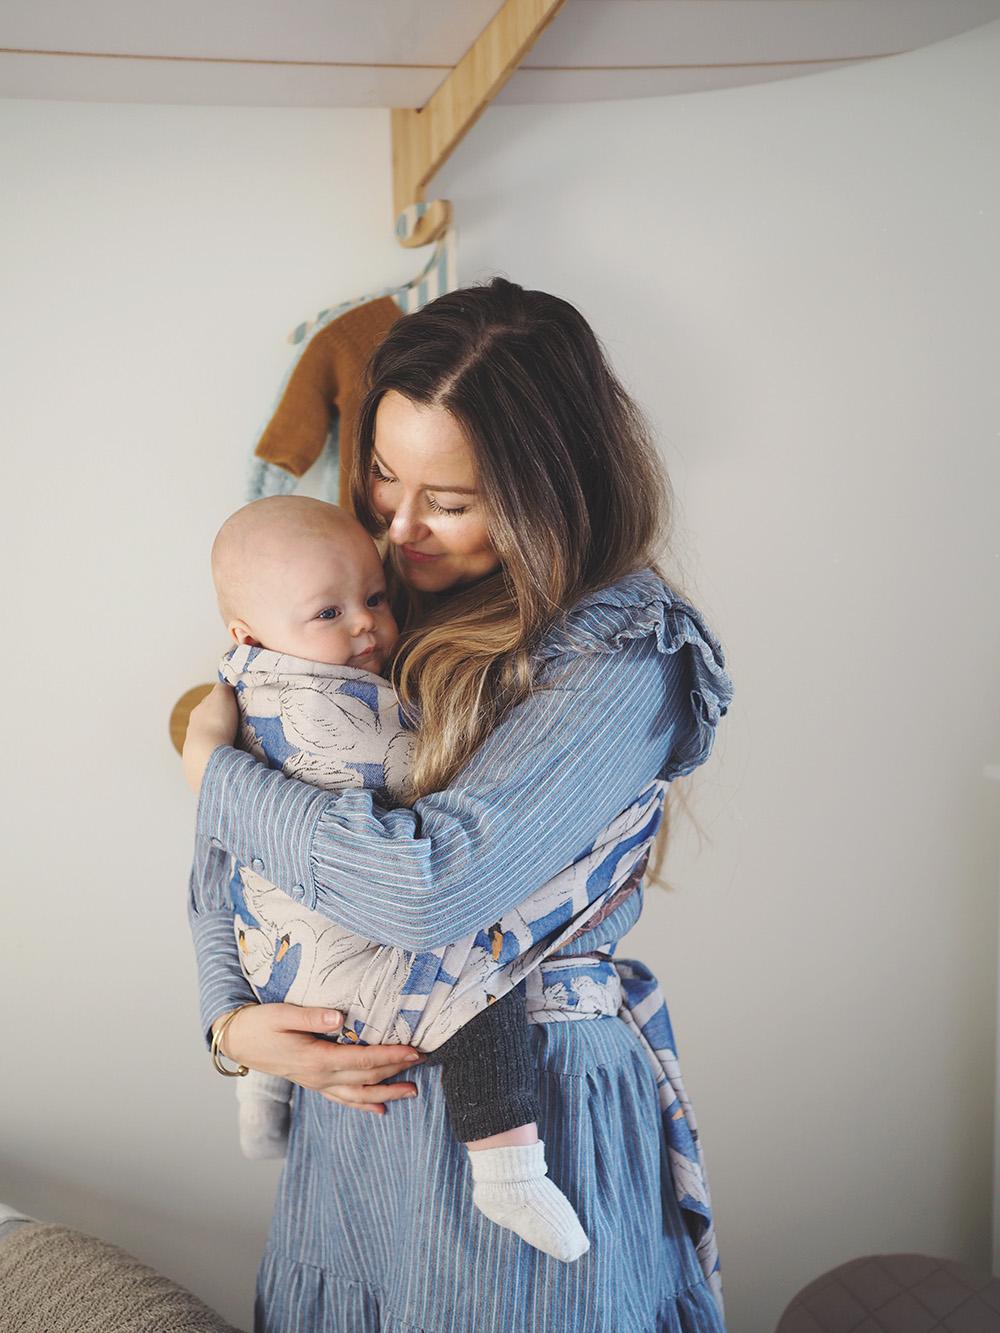 mor med baby i vikle